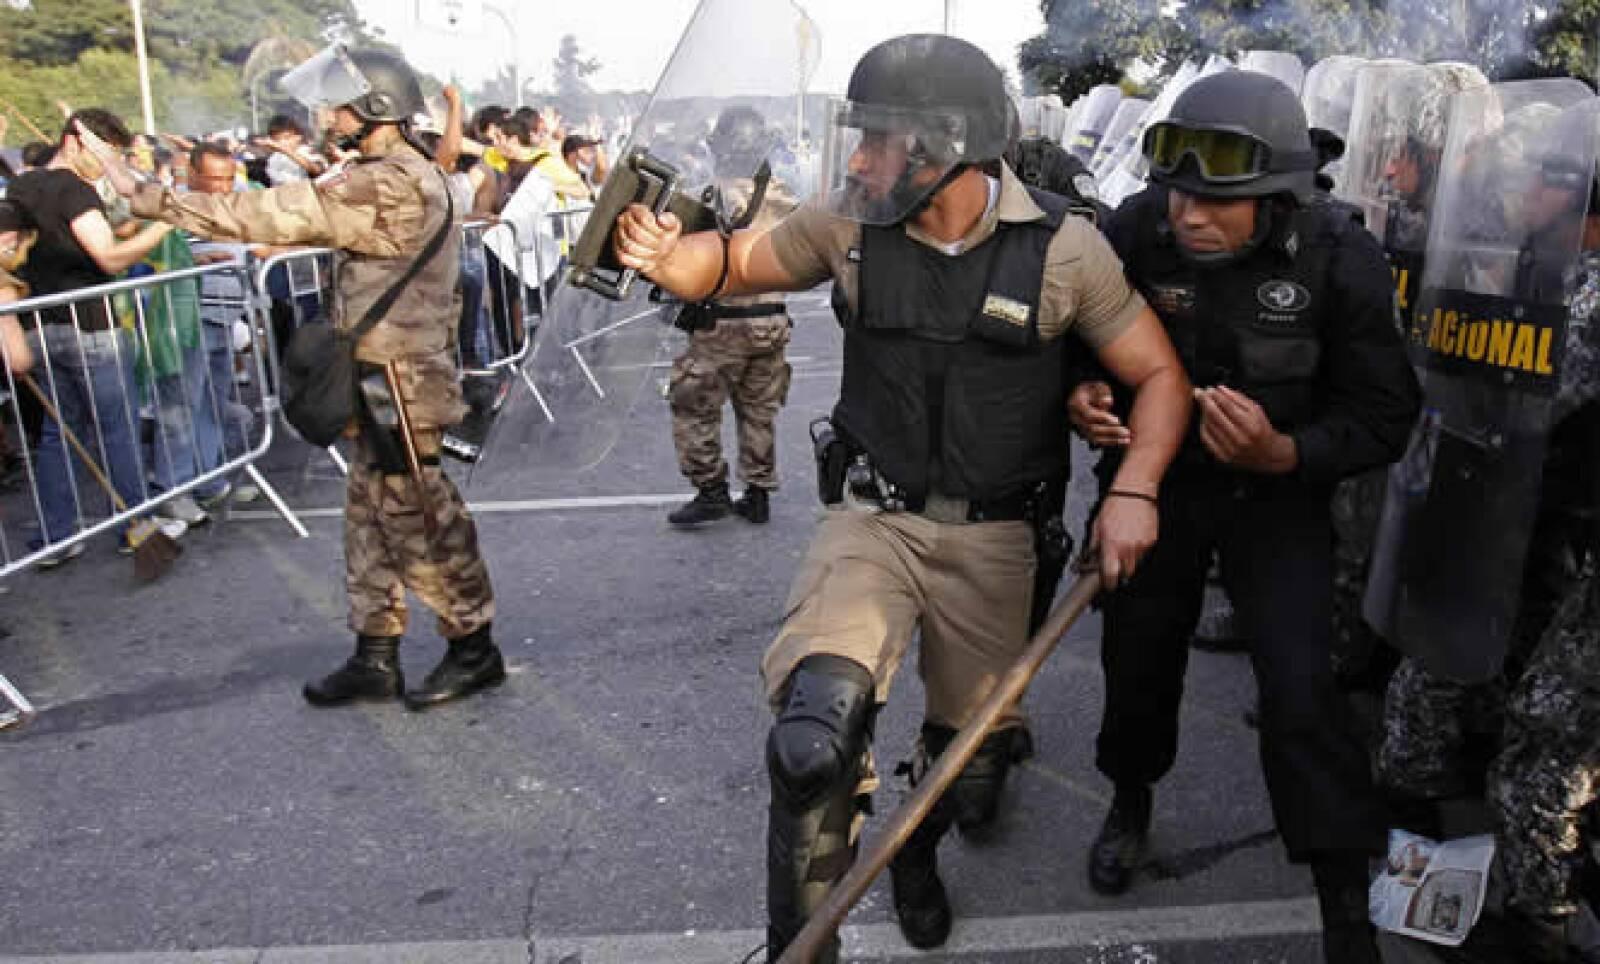 La mayoría de la protestas no ha sido violentas, pero algunas acabaron con actos de vandalismo y saqueos, lo que ha provocado rechazo entre muchos brasileños.